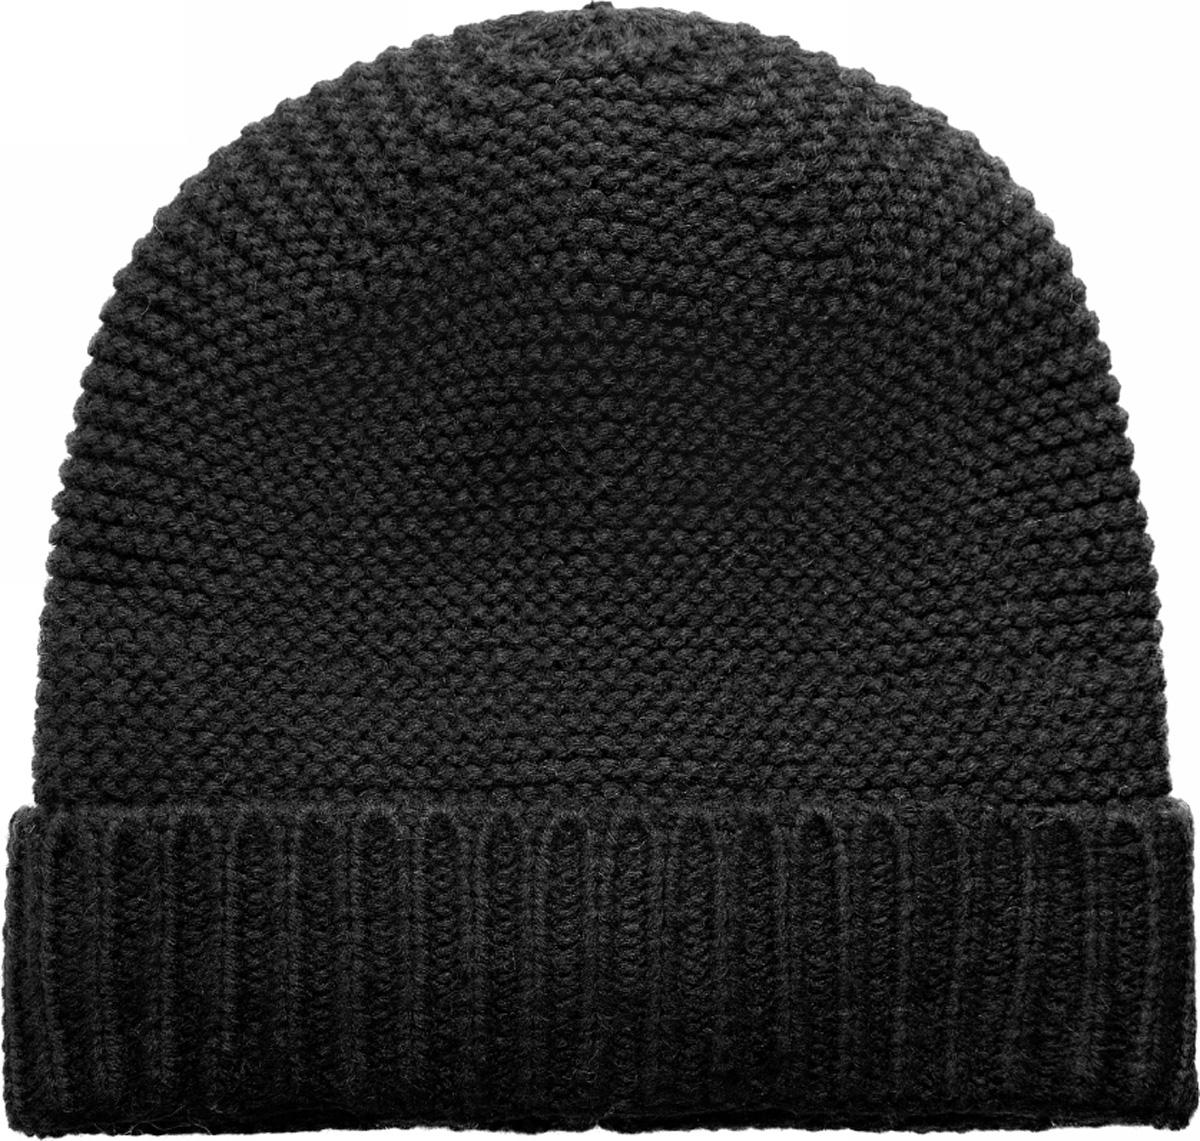 Шапка женская oodji, цвет: черный. 47602062-1/18941/2900N. Размер XS/L (55/58)47602062-1/18941/2900NСтильная теплая вязаная шапка от oodji с отворотом. Отворот с вязкой в плотную резинку хорошо держит форму, сама шапка связана изнаночной гладью. Теплый и мягкий акрил обладает прекрасными характеристиками - хорошо греет, не садится после стирки. В этой шапке вам будет тепло даже в прохладную погоду.